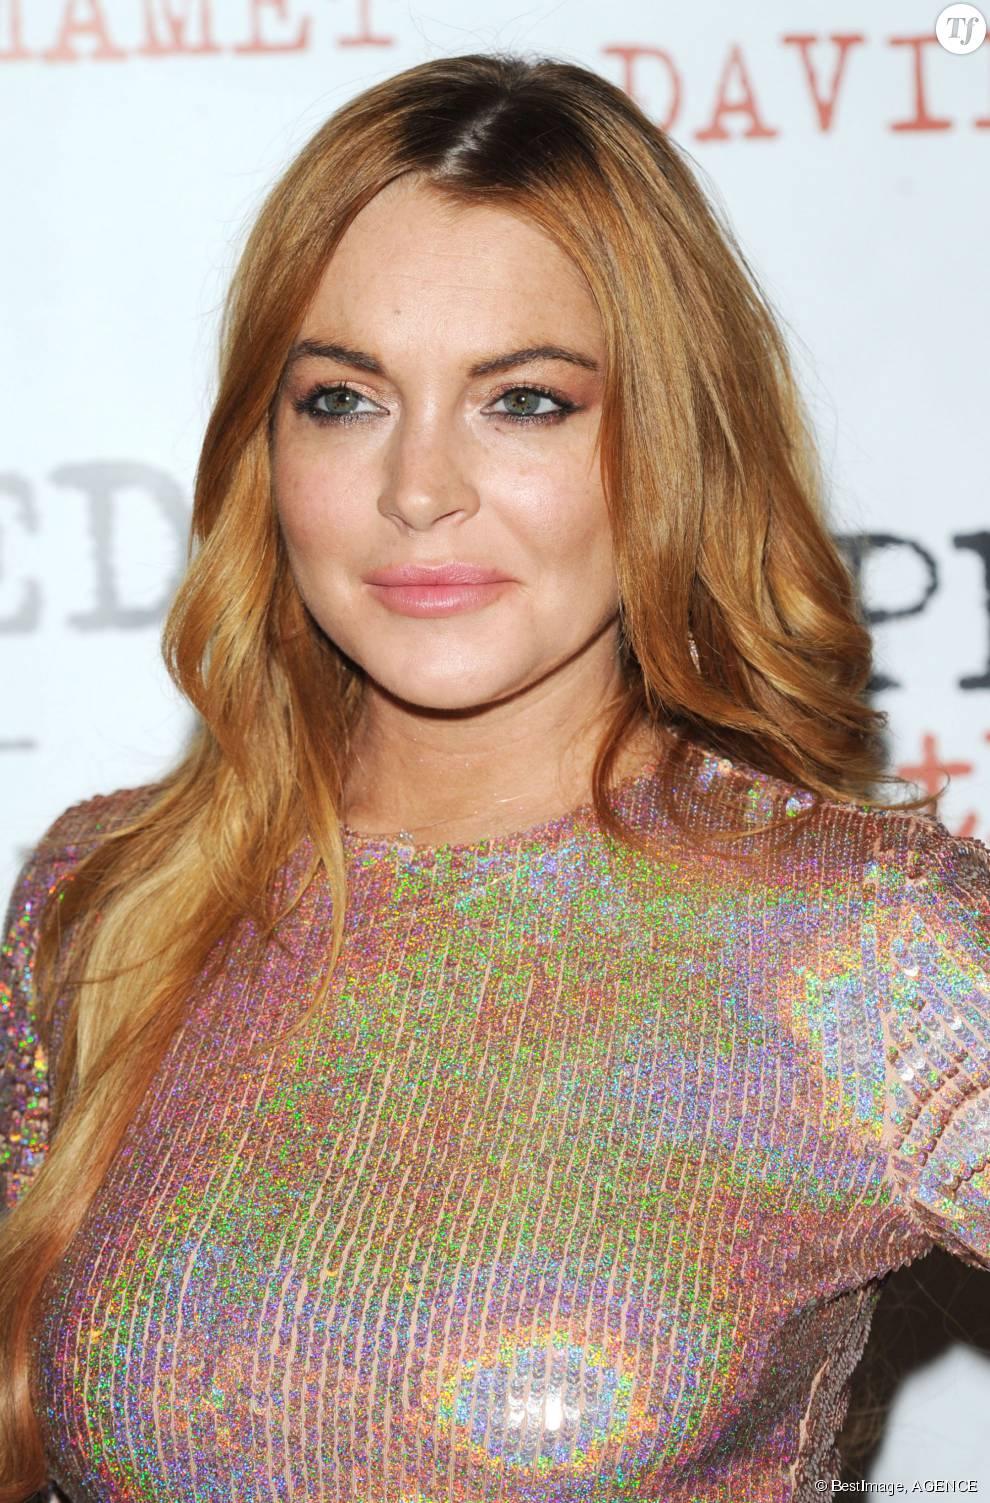 Lindsay Lohan, bien plus jolie quand elle opte pour sa vraie couleur de cheveux, le roux doux.